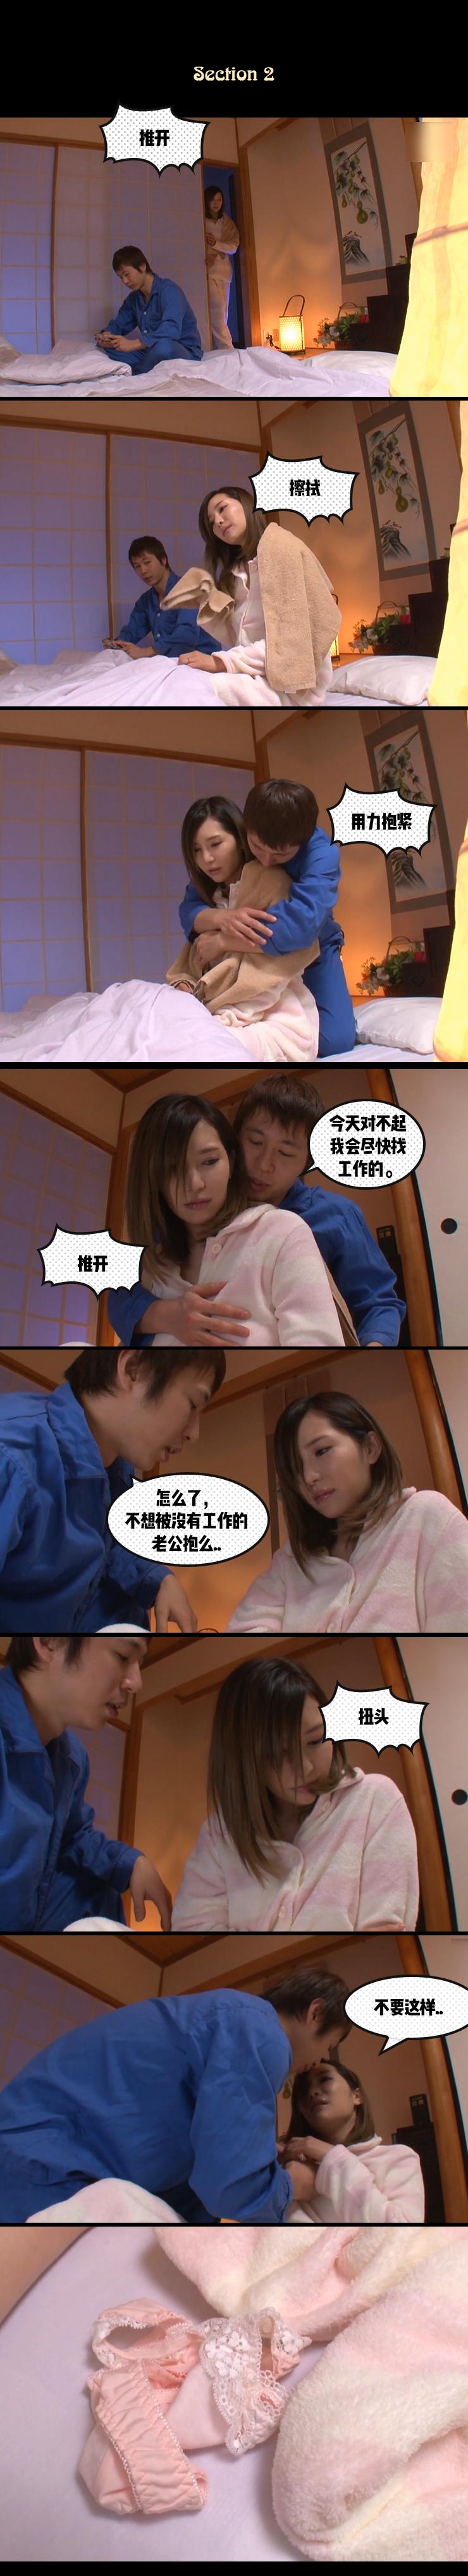 作品推荐Aoi的图片 第4张